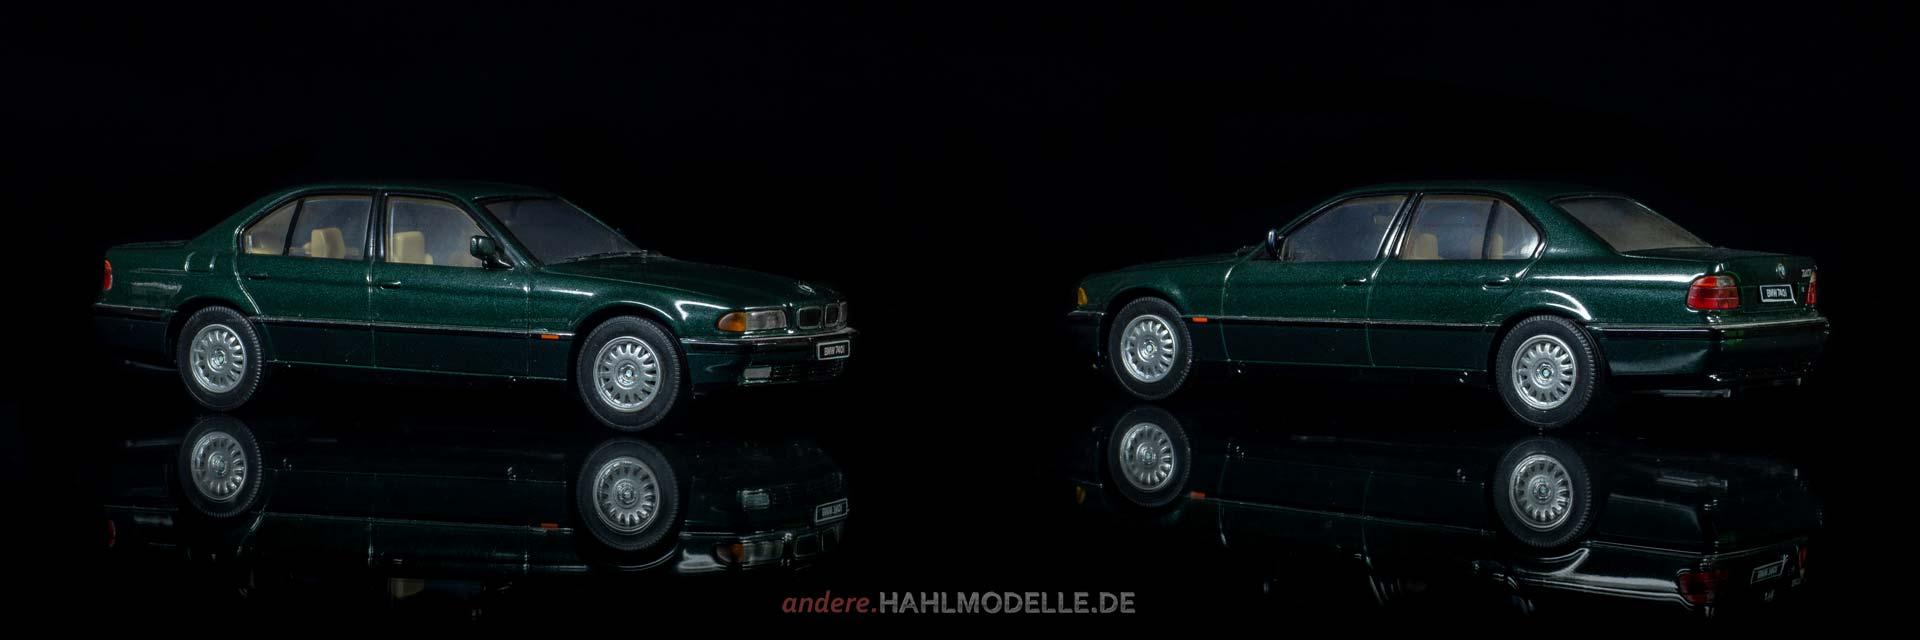 BMW 740i (E28) | Limousine | Herpa | www.andere.hahlmodelle.de